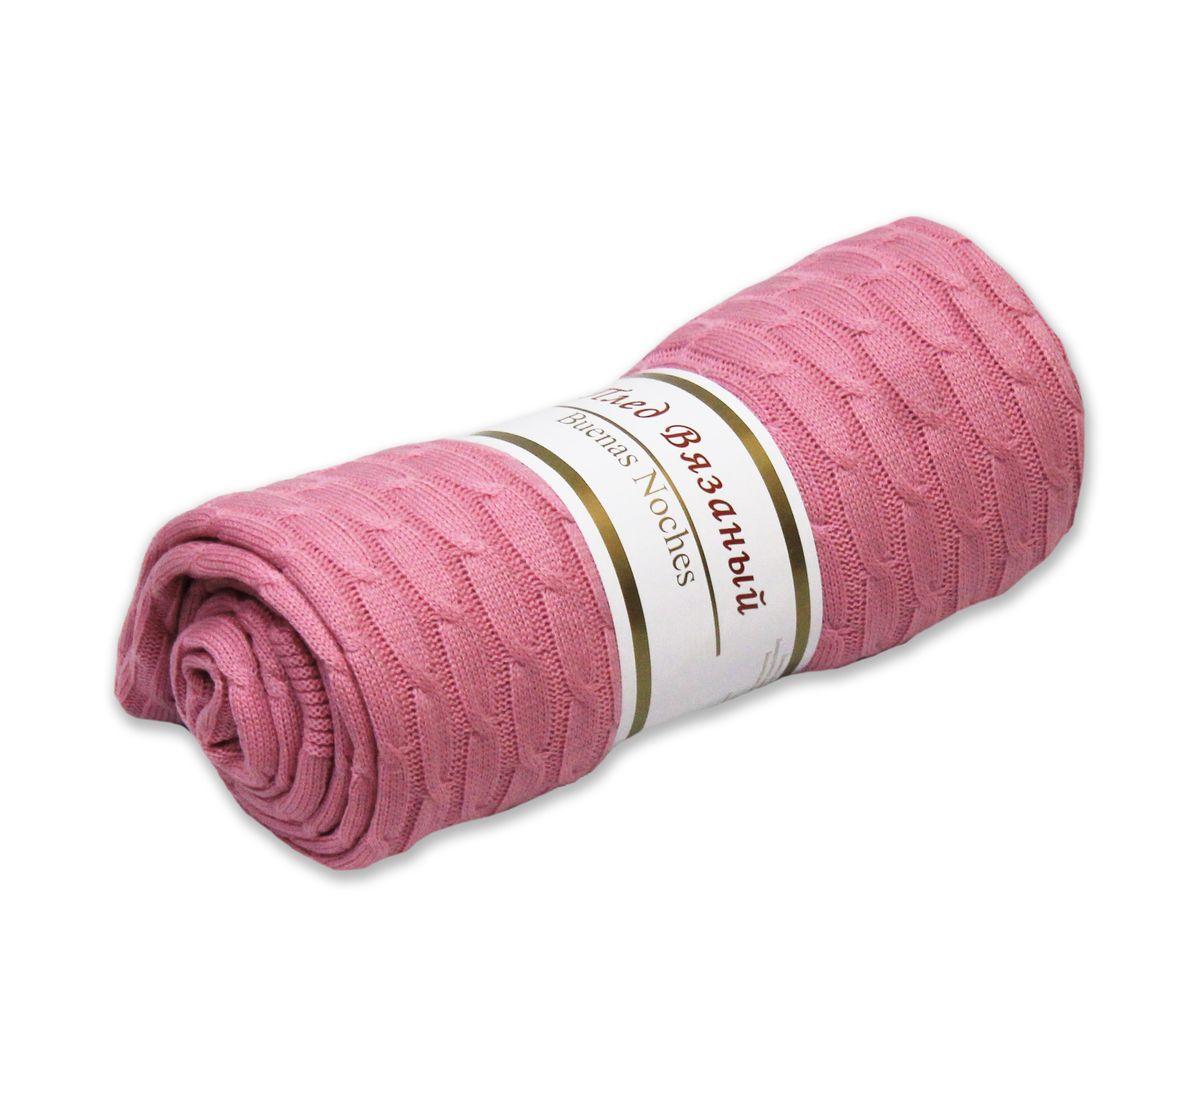 Плед вязаный Buenas Noches Manhattan, цвет: розовый, 180 х 200 смBW-4751Вязаный плед Buenas Noches Manhattan - идеальное решение для вашего интерьера. Плед изготовлен из 100% акрила - современного высококачественного материала, который обладает замечательными свойствами. Изделия из акрила прекрасно сохраняют форму, не деформируются, не мнутся, всегда выглядят аккуратно, сохраняют размер и привлекательный внешний вид долгое время. Акрил идеален при использовании под открытым небом, так как обладает свойством водоотталкивания и быстро высыхает. Материал гипоаллергенный, безопасный, стойкий к воздействию живых организмов, волокнам не страшна плесень. Плед мягкий, приятный на ощупь, великолепный на вид, он обладает низкой теплопроводностью, замечательно сохраняет тепло. Беспрецедентная стойкость и ровность красок позволит пледу не выгореть на солнце и остаться первозданно ярким в течение продолжительного времени. Продукция Buenas Noches сделана с особой заботой, специально для вас и уюта в вашем доме! Рекомендации по уходу: - Ручная стирка, - Не отбеливать, - Сушить при низкой температуре, - Деликатные отжим и сушка. Плотность плетения ткани: 240 г/м2.